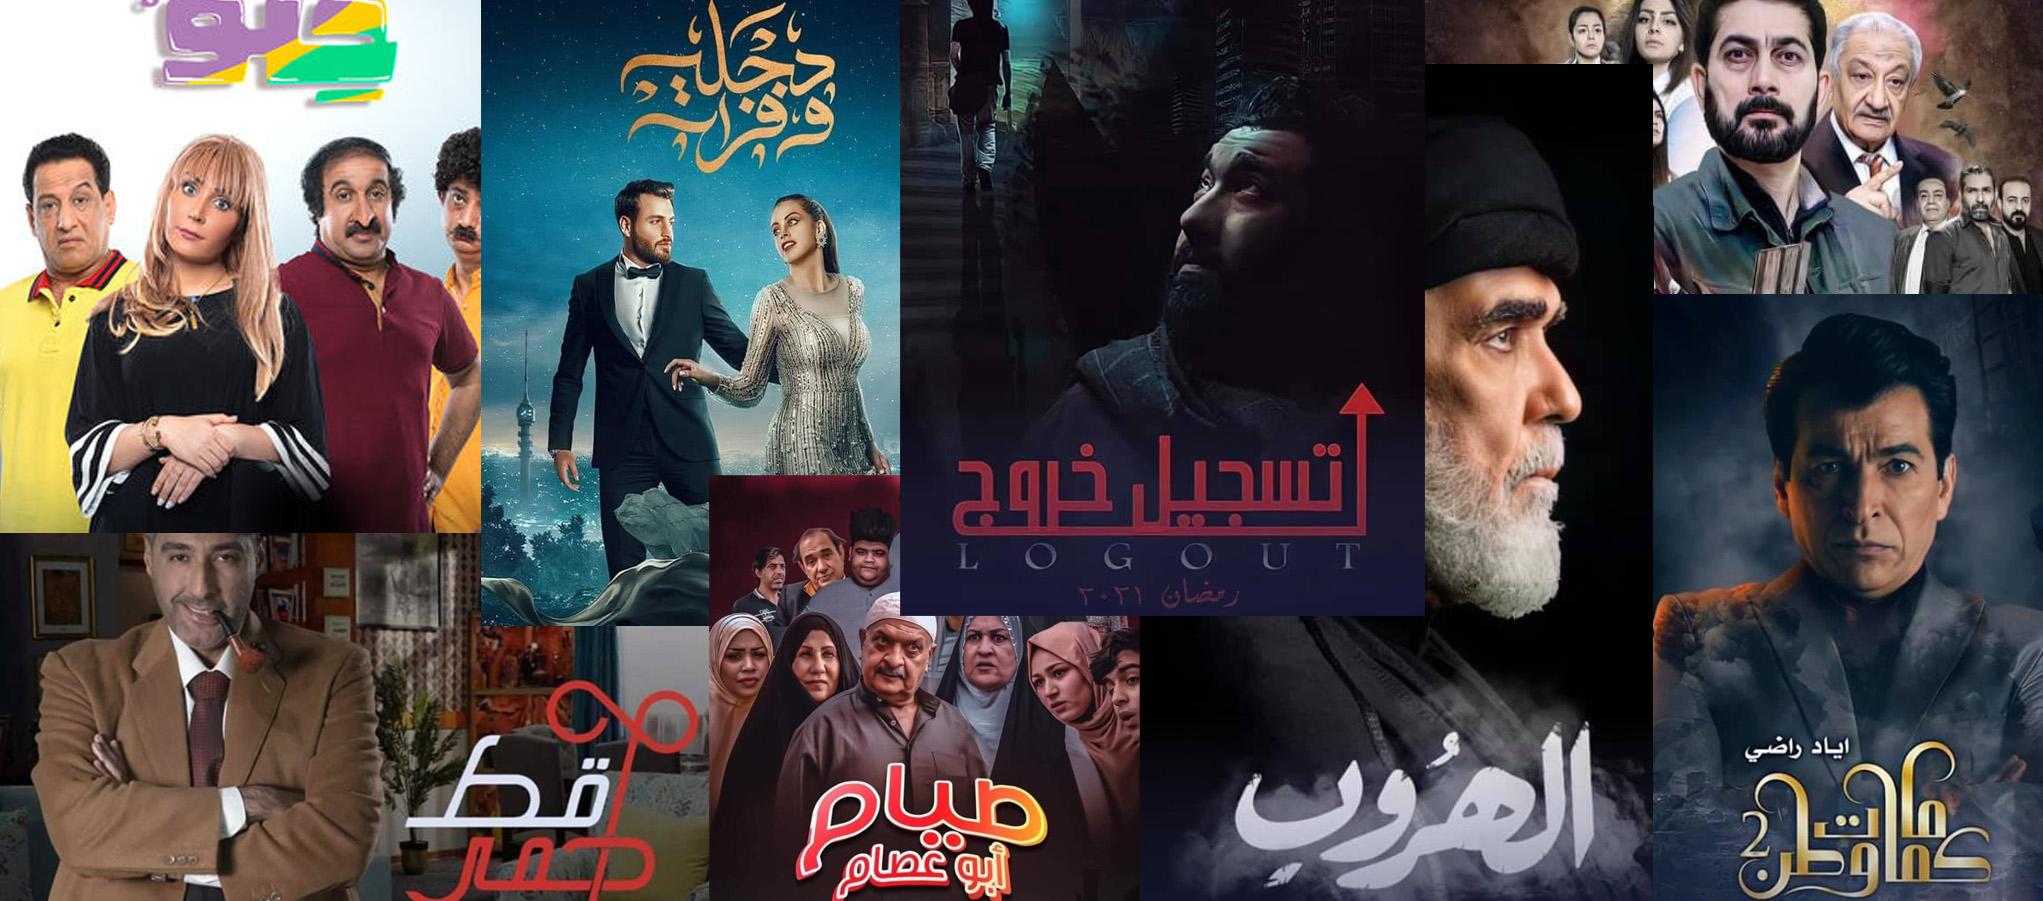 المسلسلات العراقية في شهر رمضان 2021